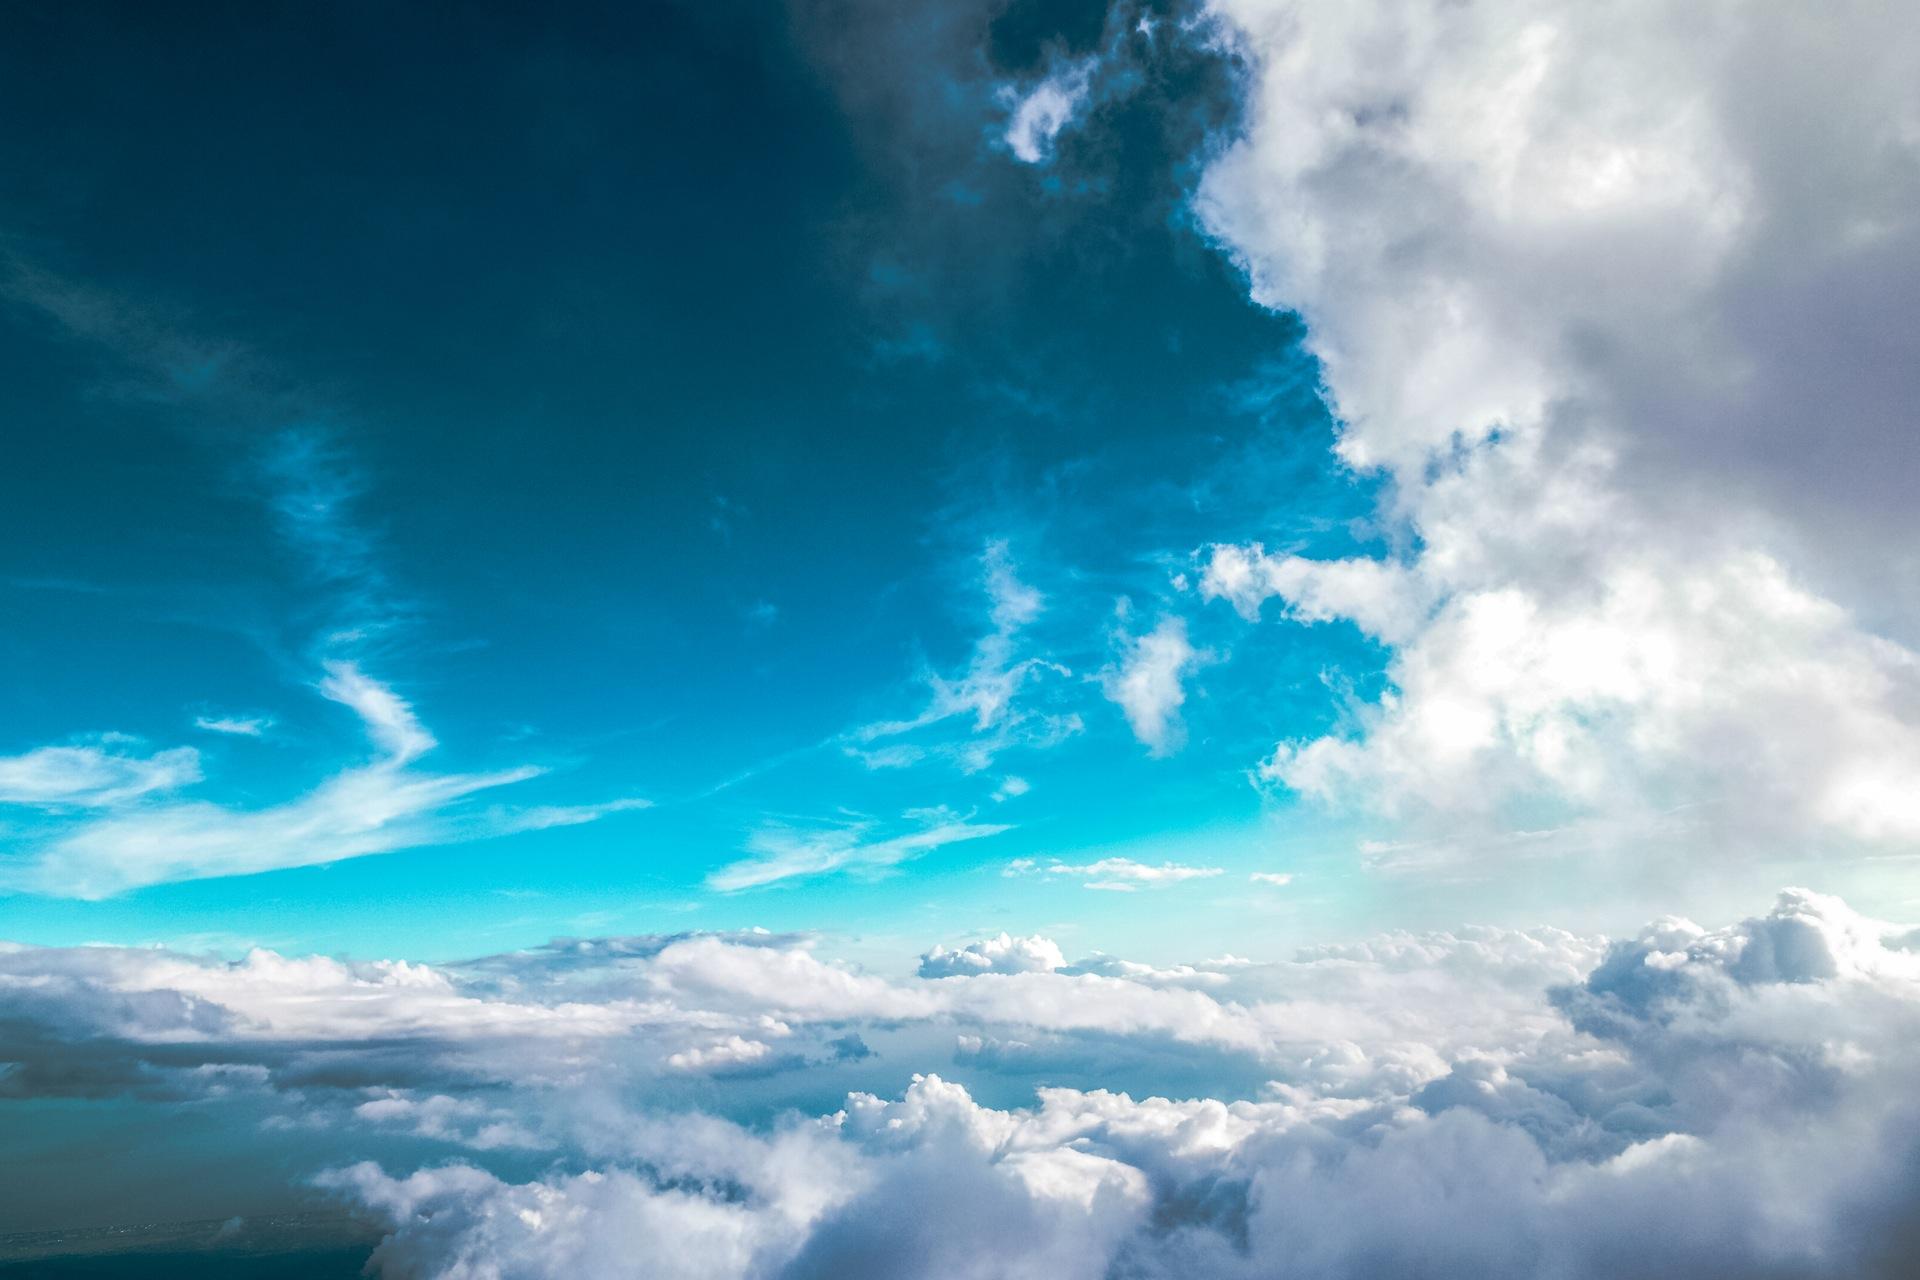 आकाश, मक्खी, बादल, ब्लू, आराम, शांति, प्रशांति - HD वॉलपेपर - प्रोफेसर-falken.com